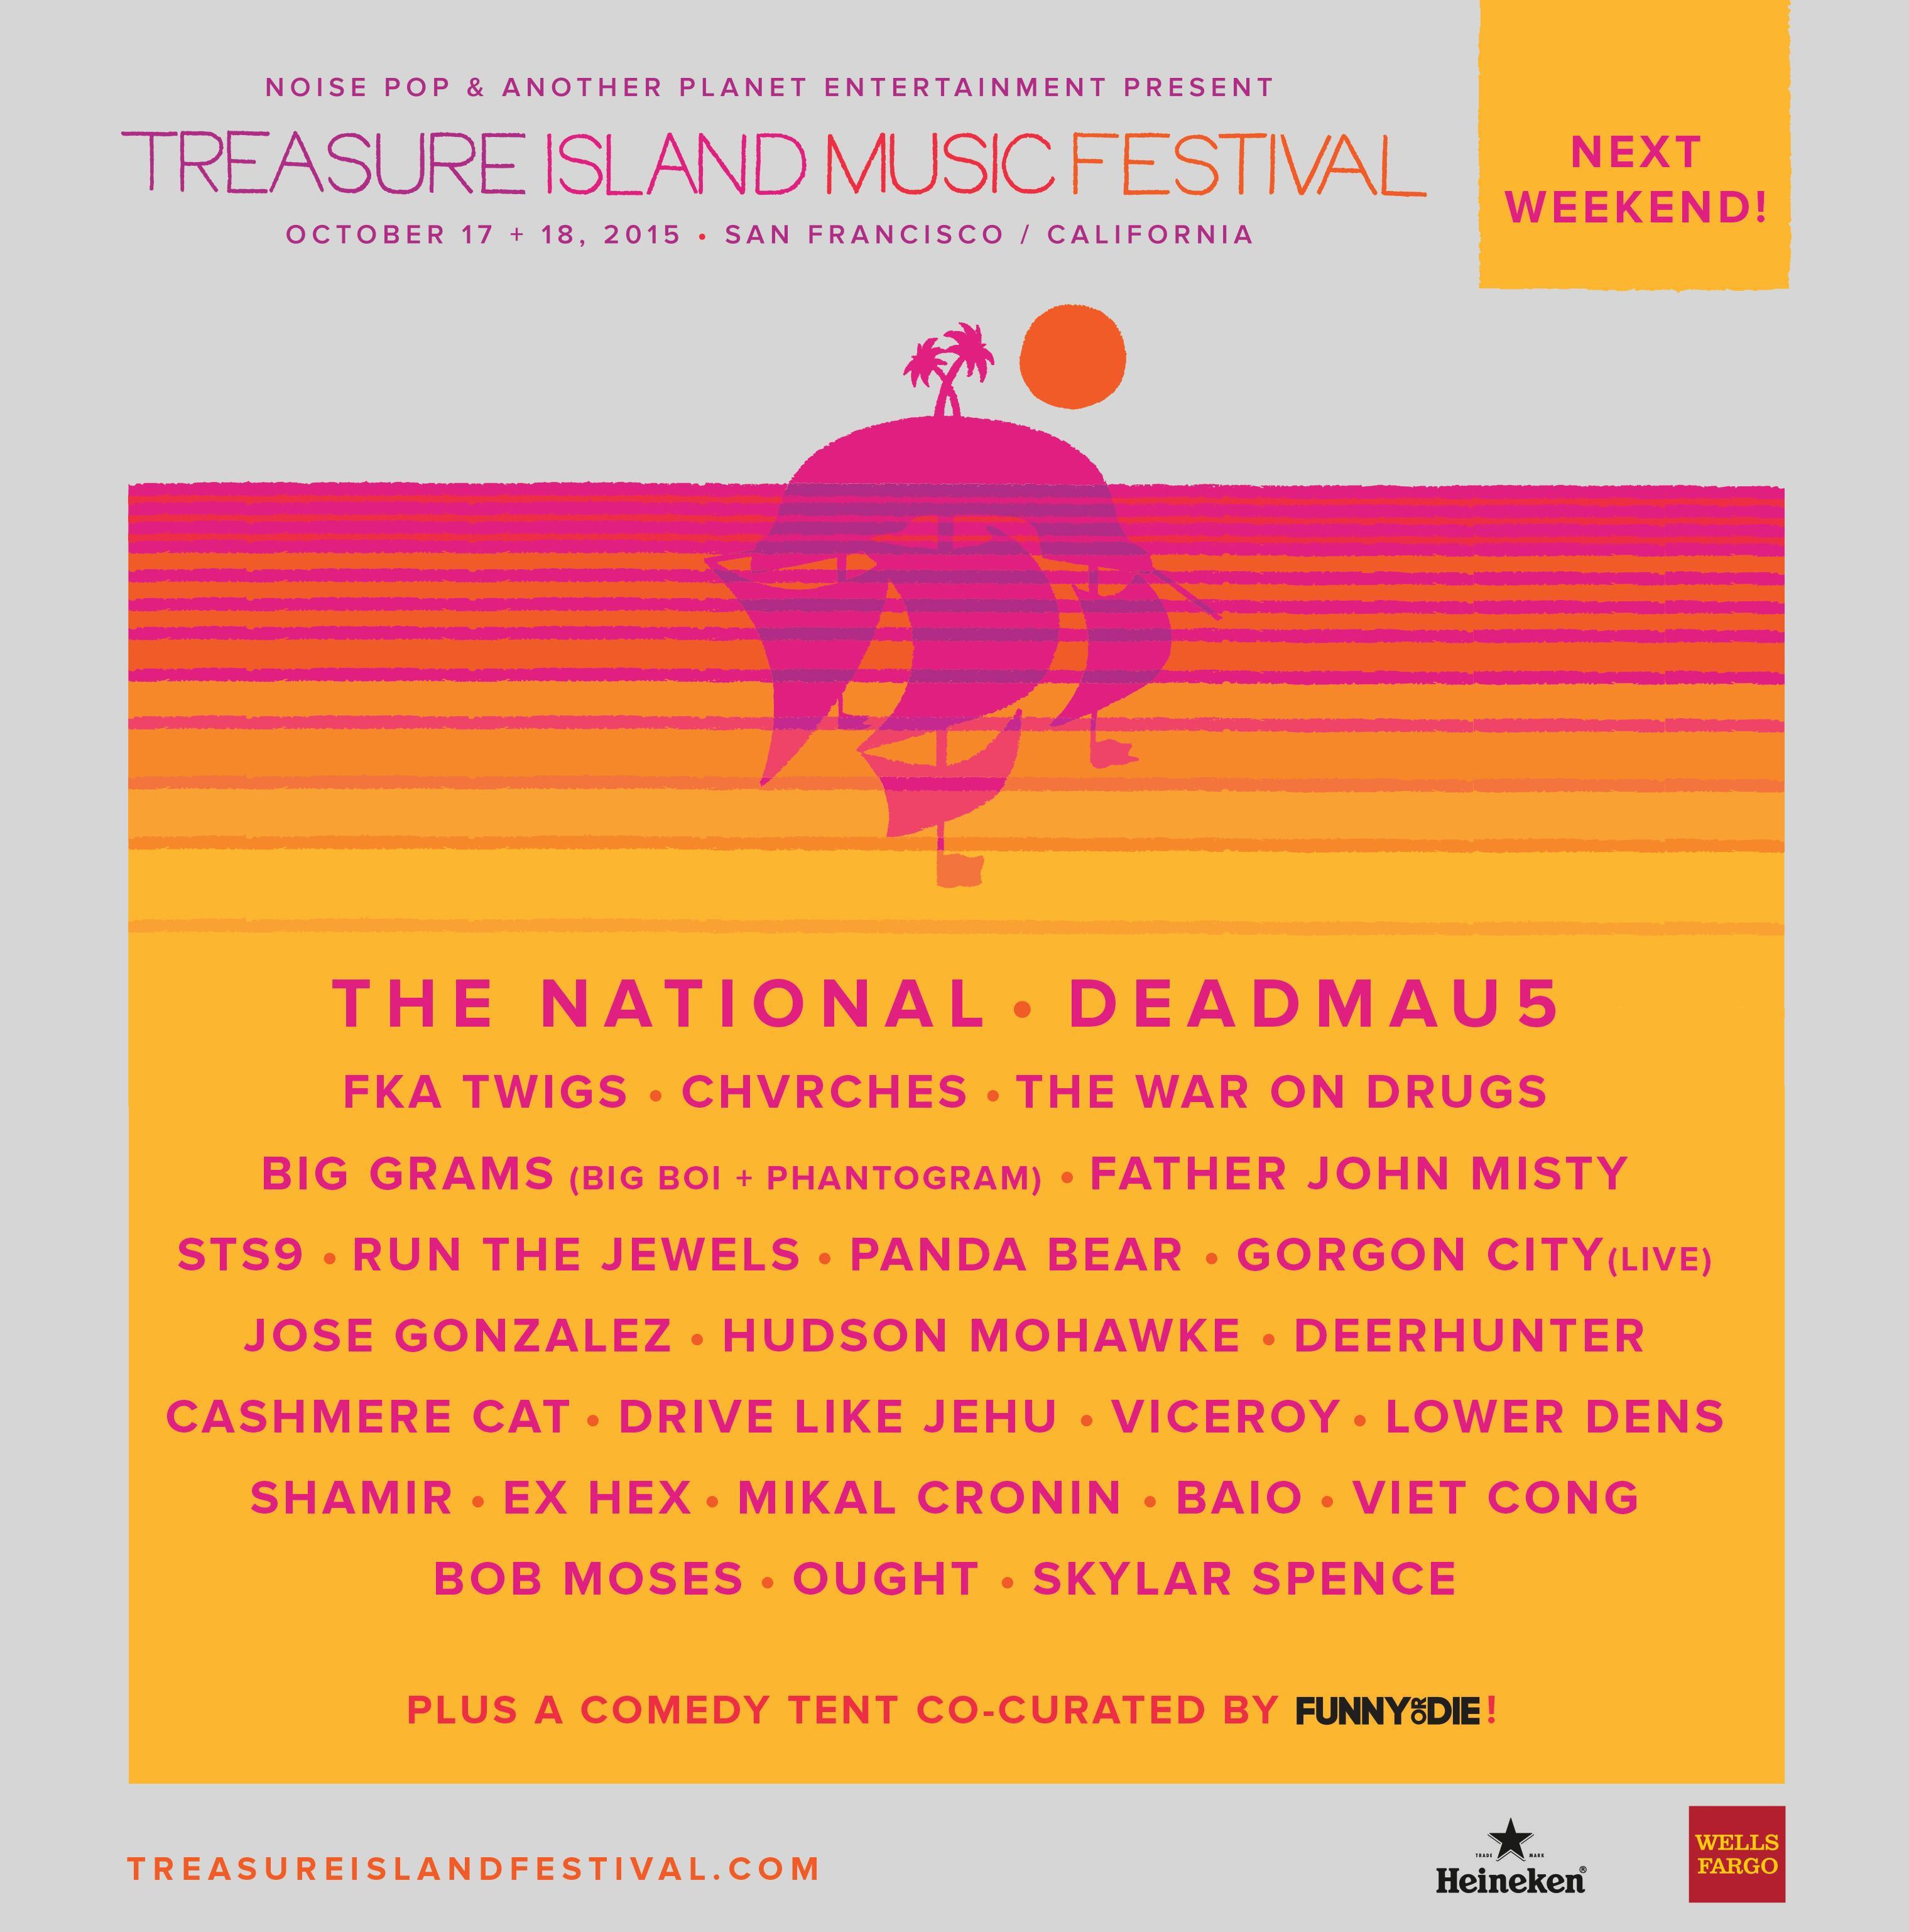 timf2015 sfw full 1002 page 001 Win VIP passes to Treasure Island Music Festival 2015